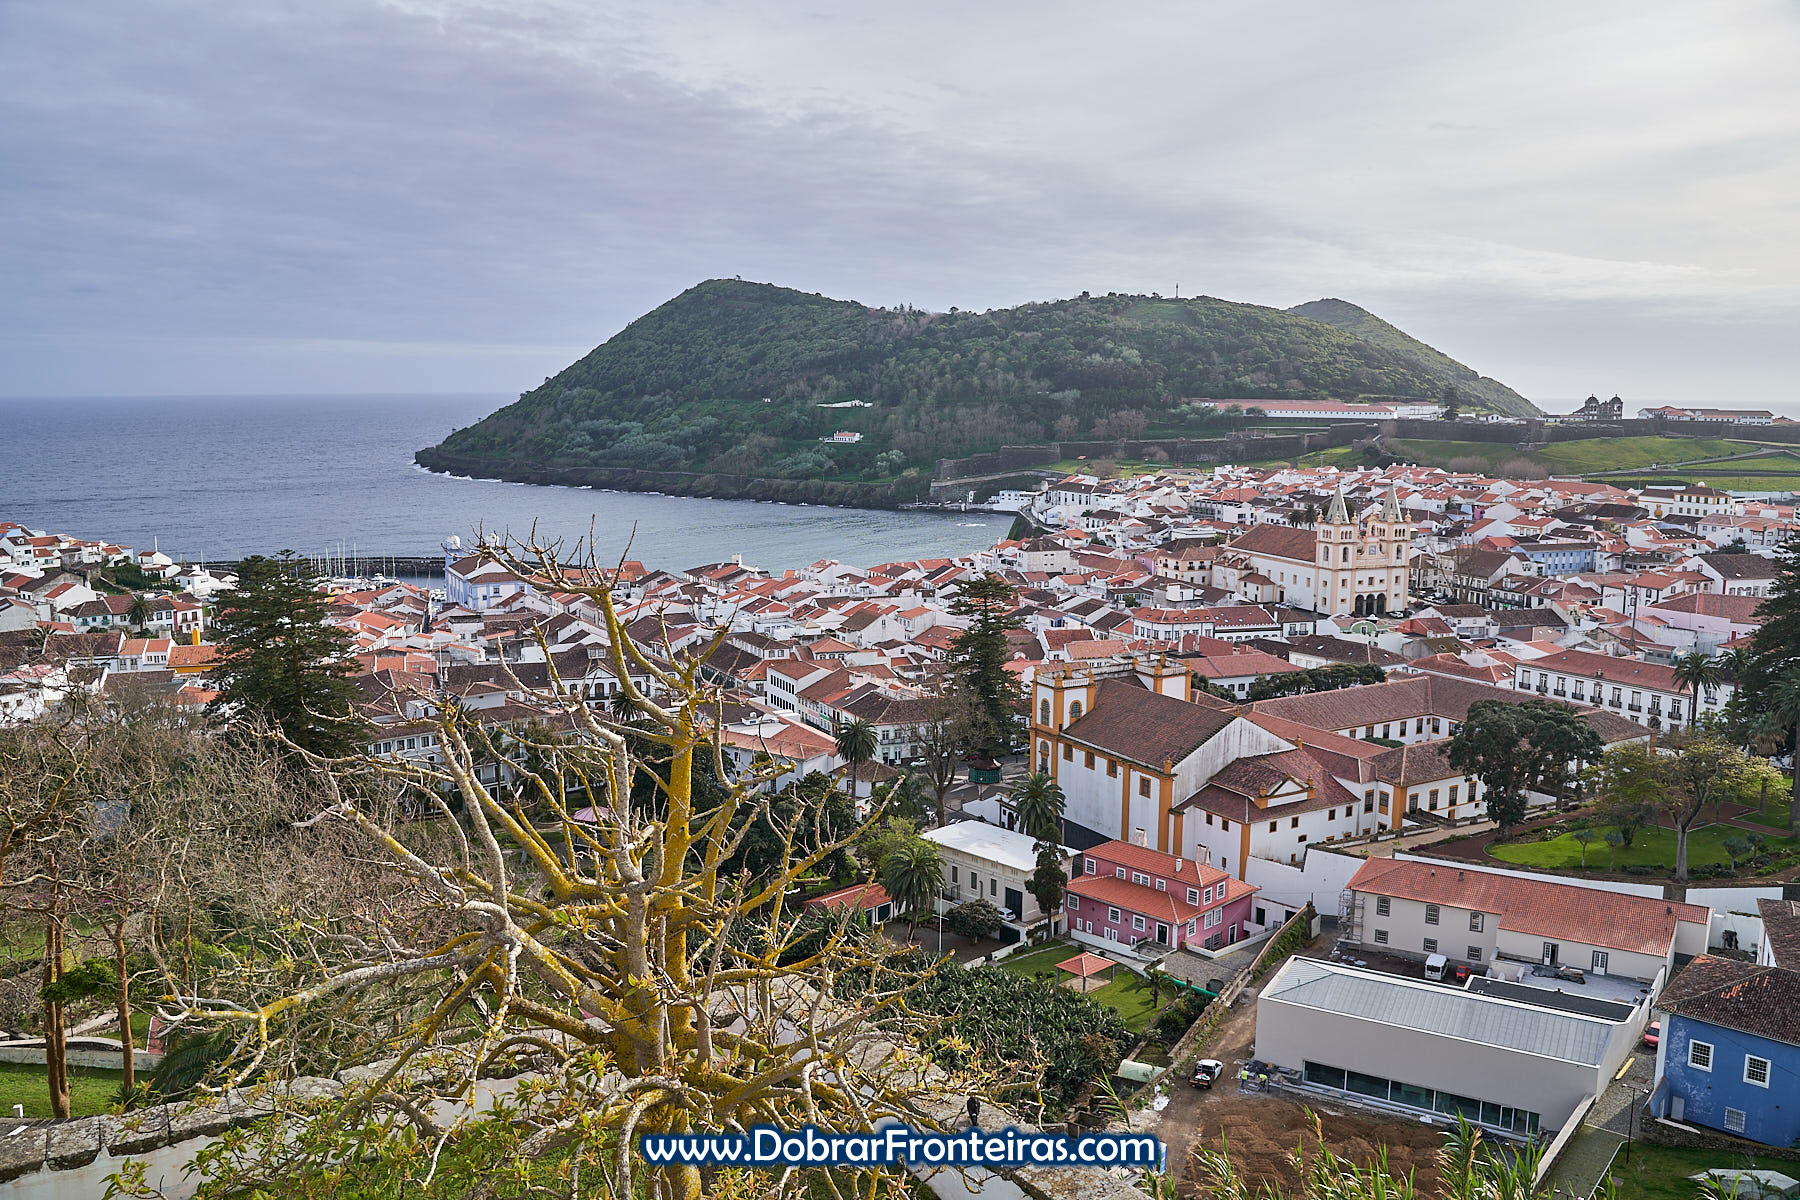 Vista panorâmica da cidade de Angra do Heroísmo com o Monte Brasil ao fundo